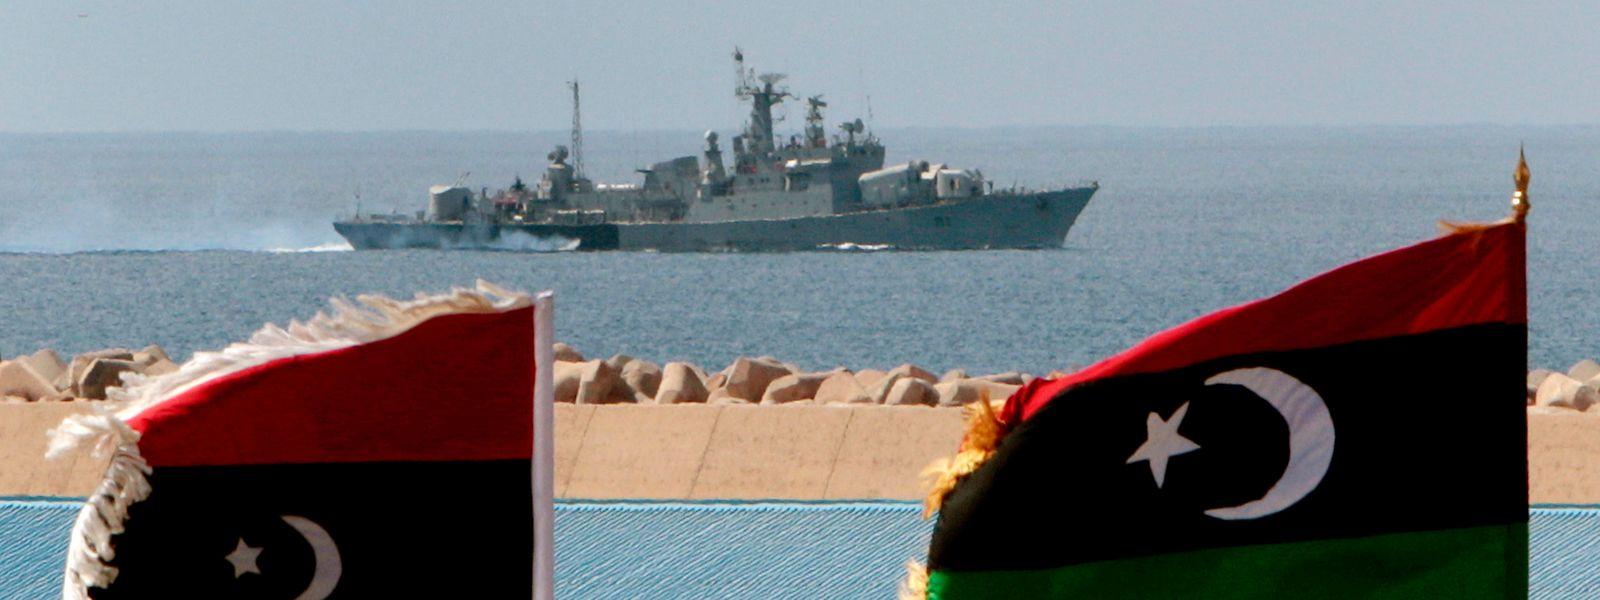 Ein Kriegsschiff vor der libyschen Küste.